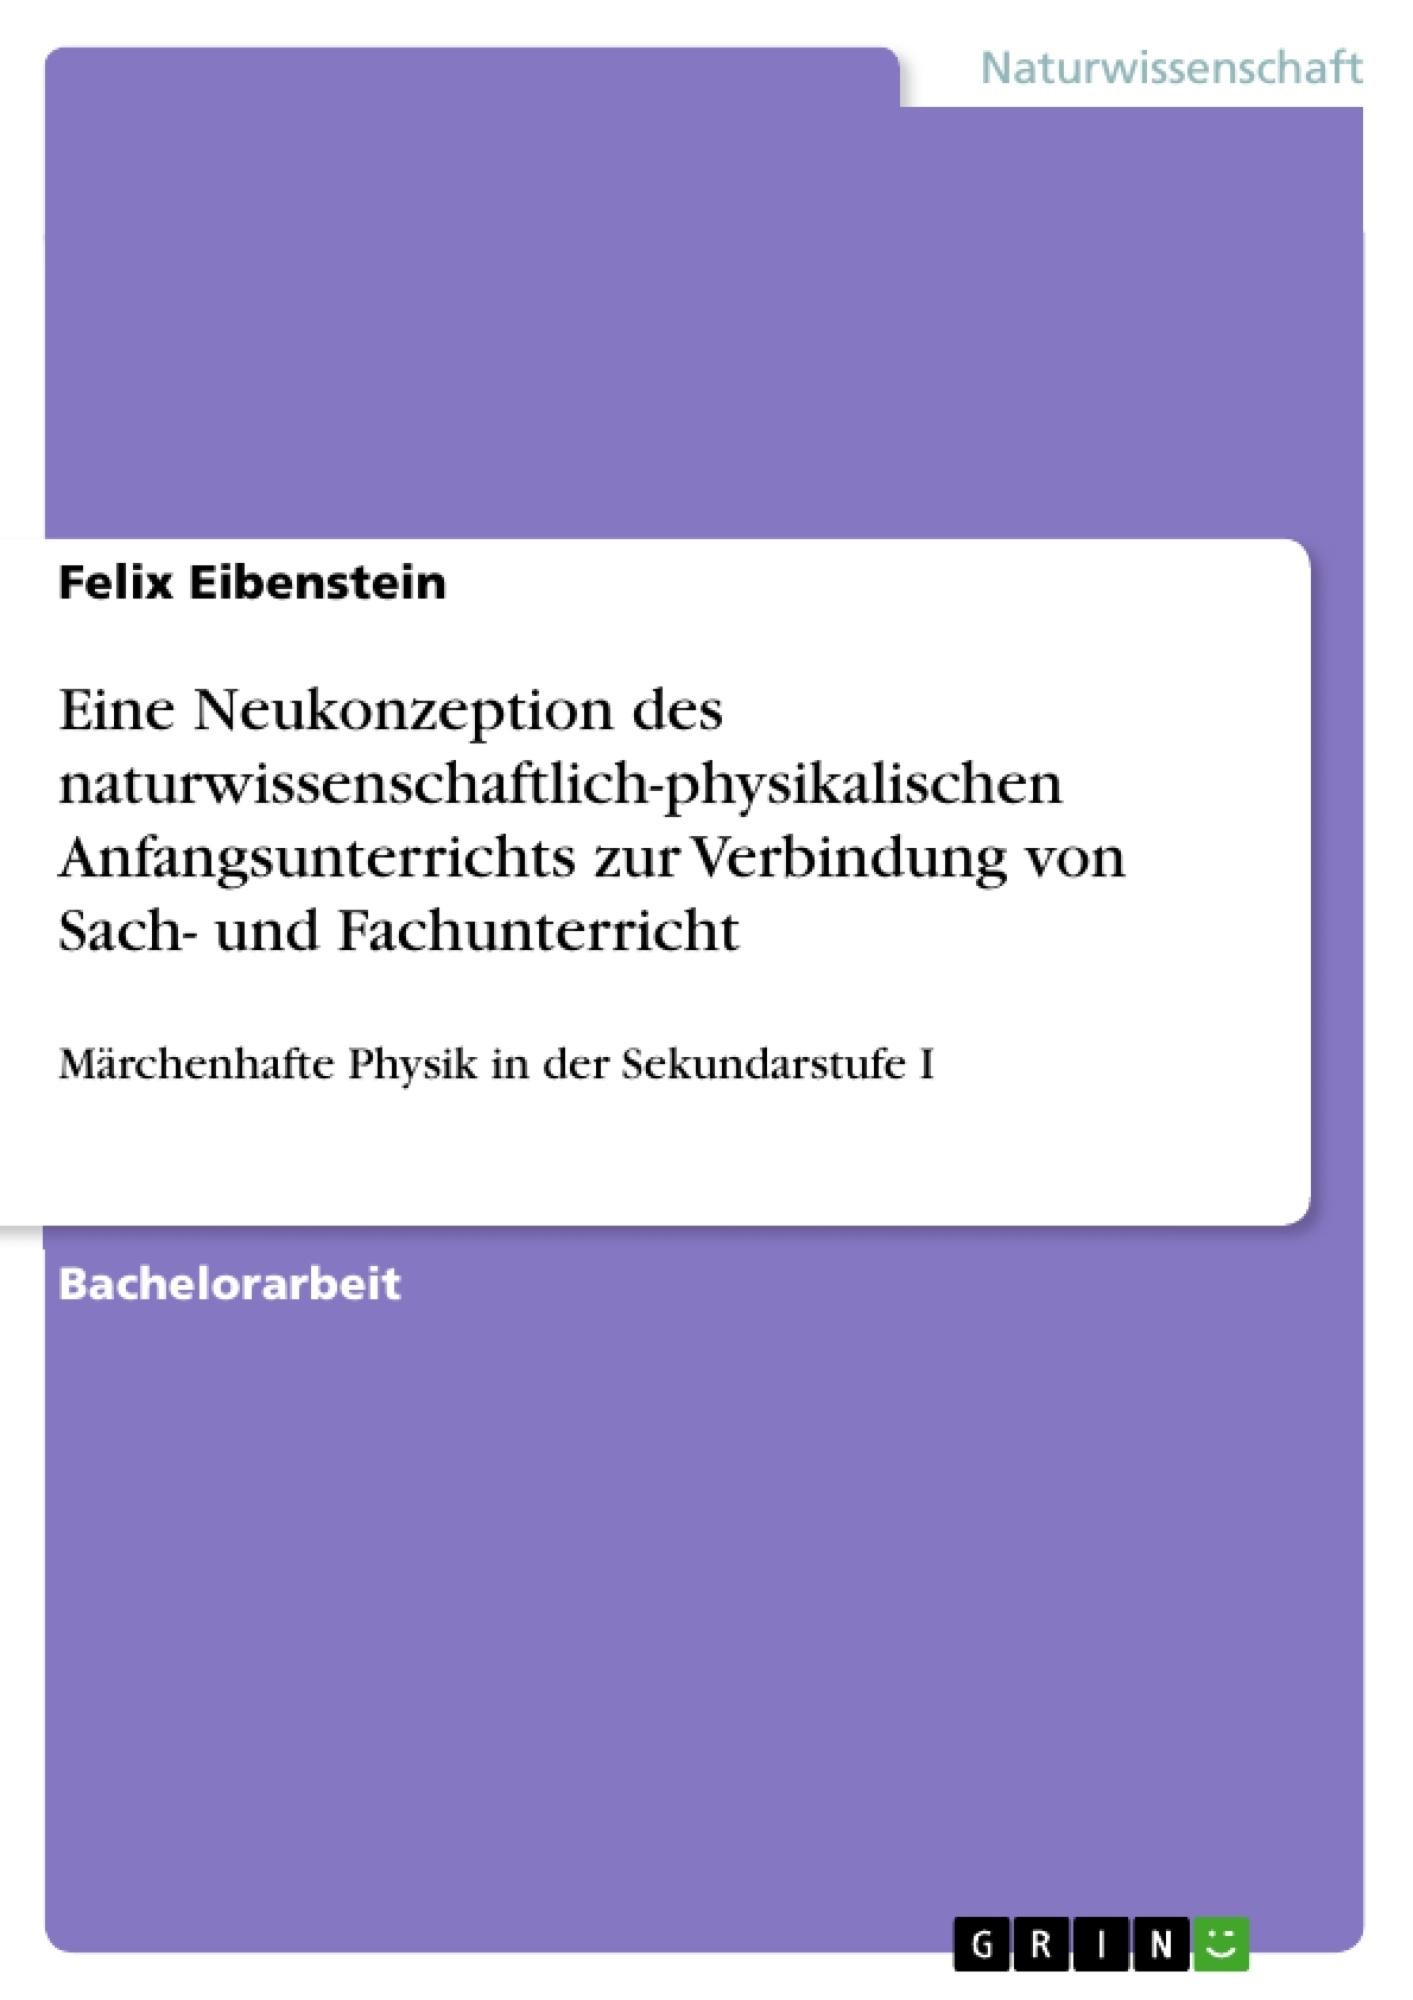 Titel: Eine Neukonzeption des naturwissenschaftlich-physikalischen Anfangsunterrichts zur Verbindung von Sach- und Fachunterricht